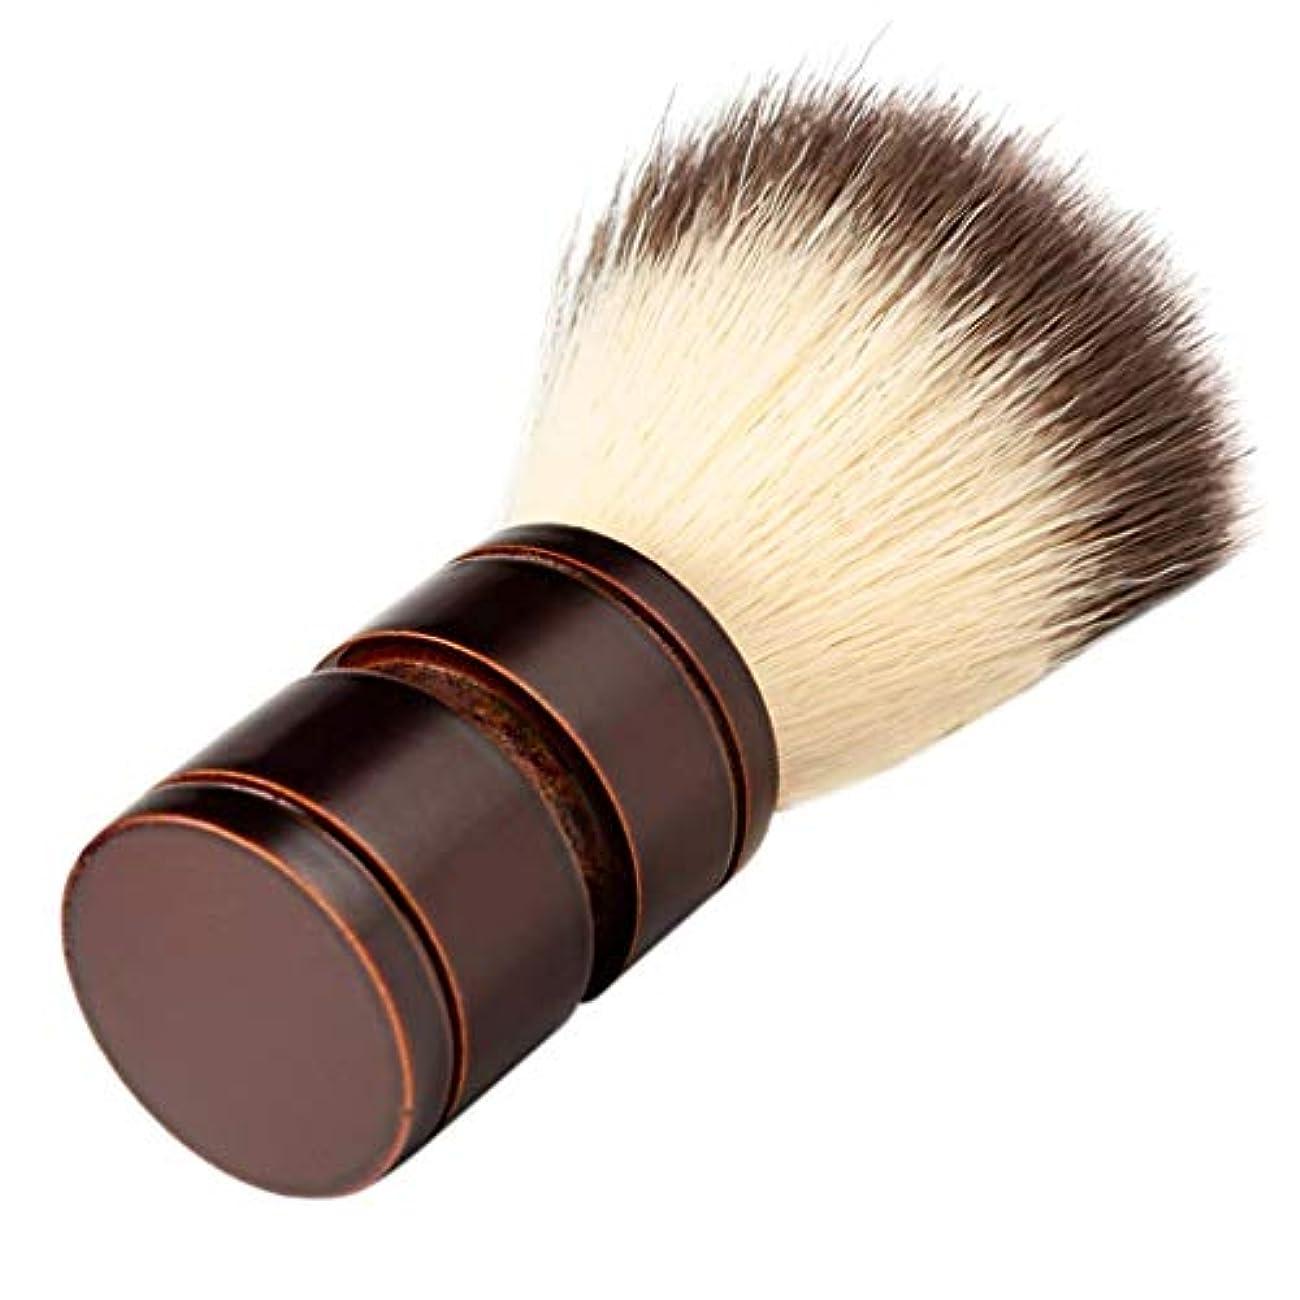 たくさん誇張する裁判官P Prettyia シェービング ブラシ メンズ ナイロン ひげブラシ 洗顔ブラシ 理容 洗顔 髭剃り 泡立ち